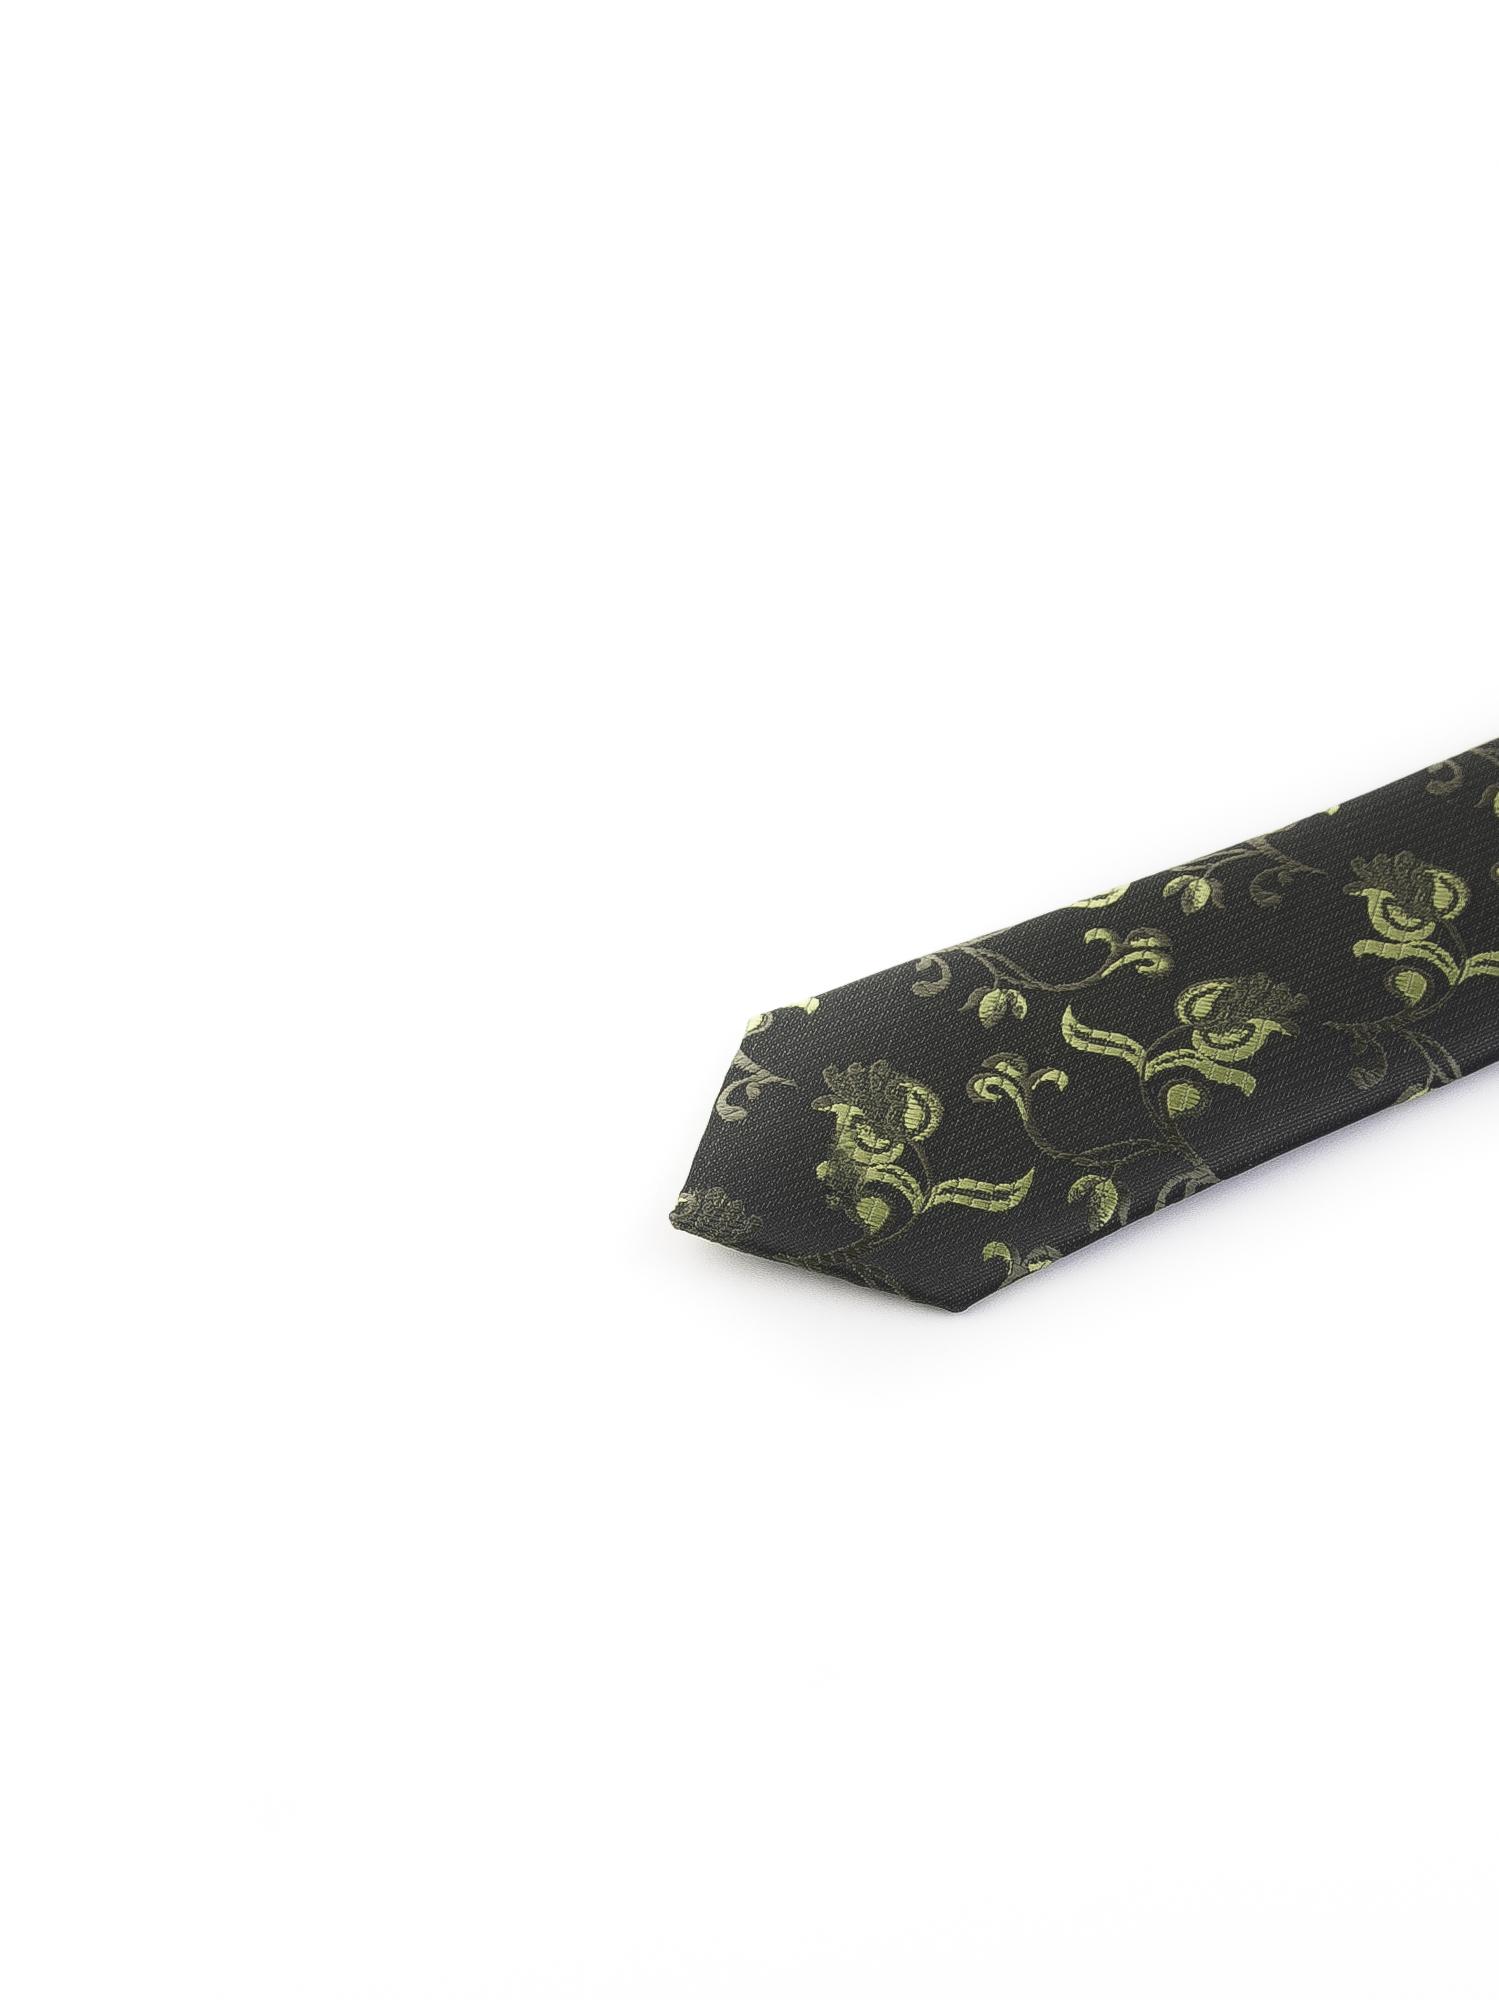 کراوات ابریشمی طرح دار مردانه Rossi-سبز T1039